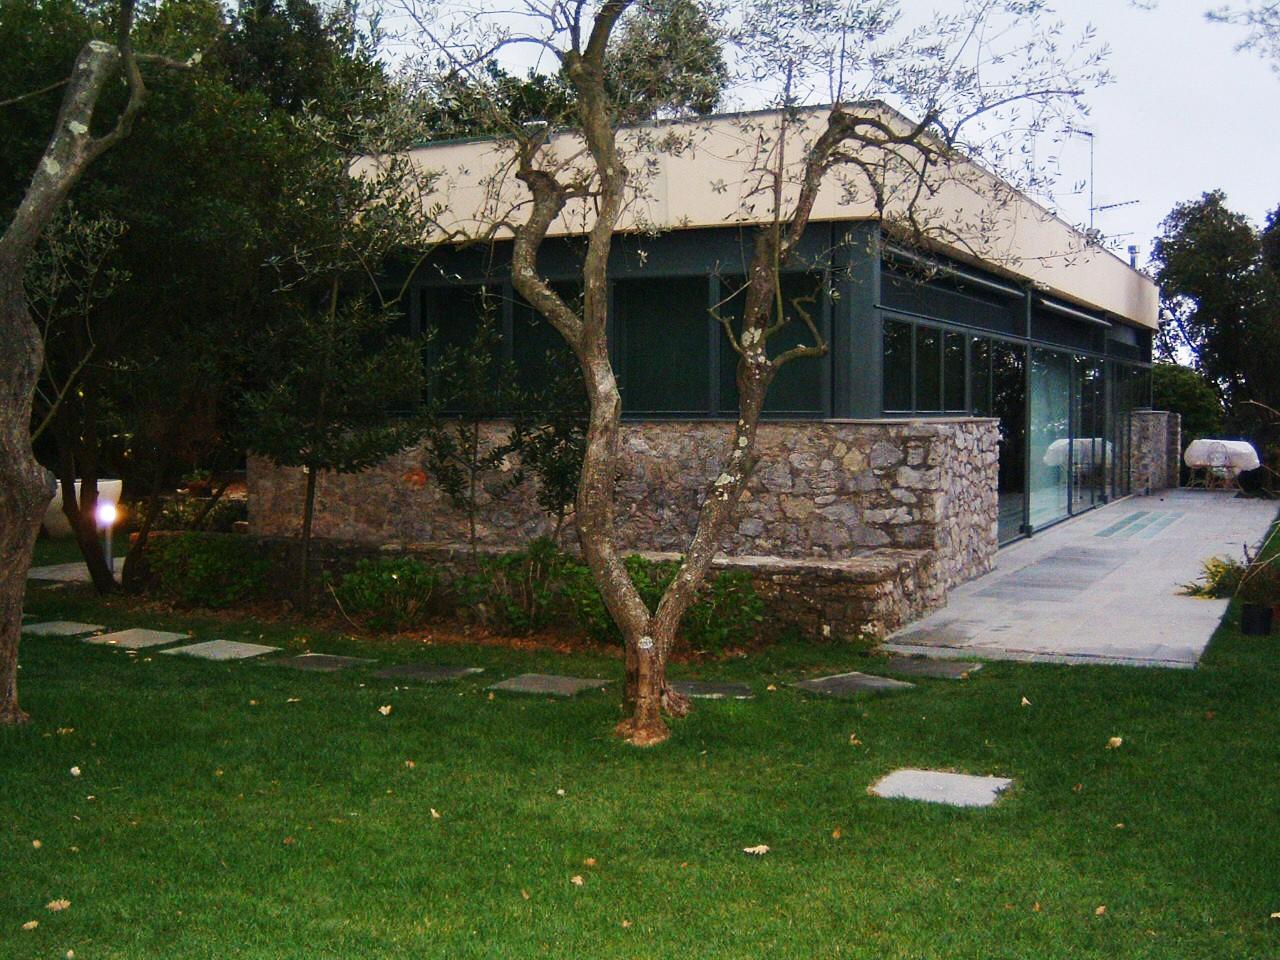 12. Vista esterna della villa dal giardino, con prospetto lato corto composto di serramenti a nastro e basamento rivestito in pietra naturale: lavori ultimati.